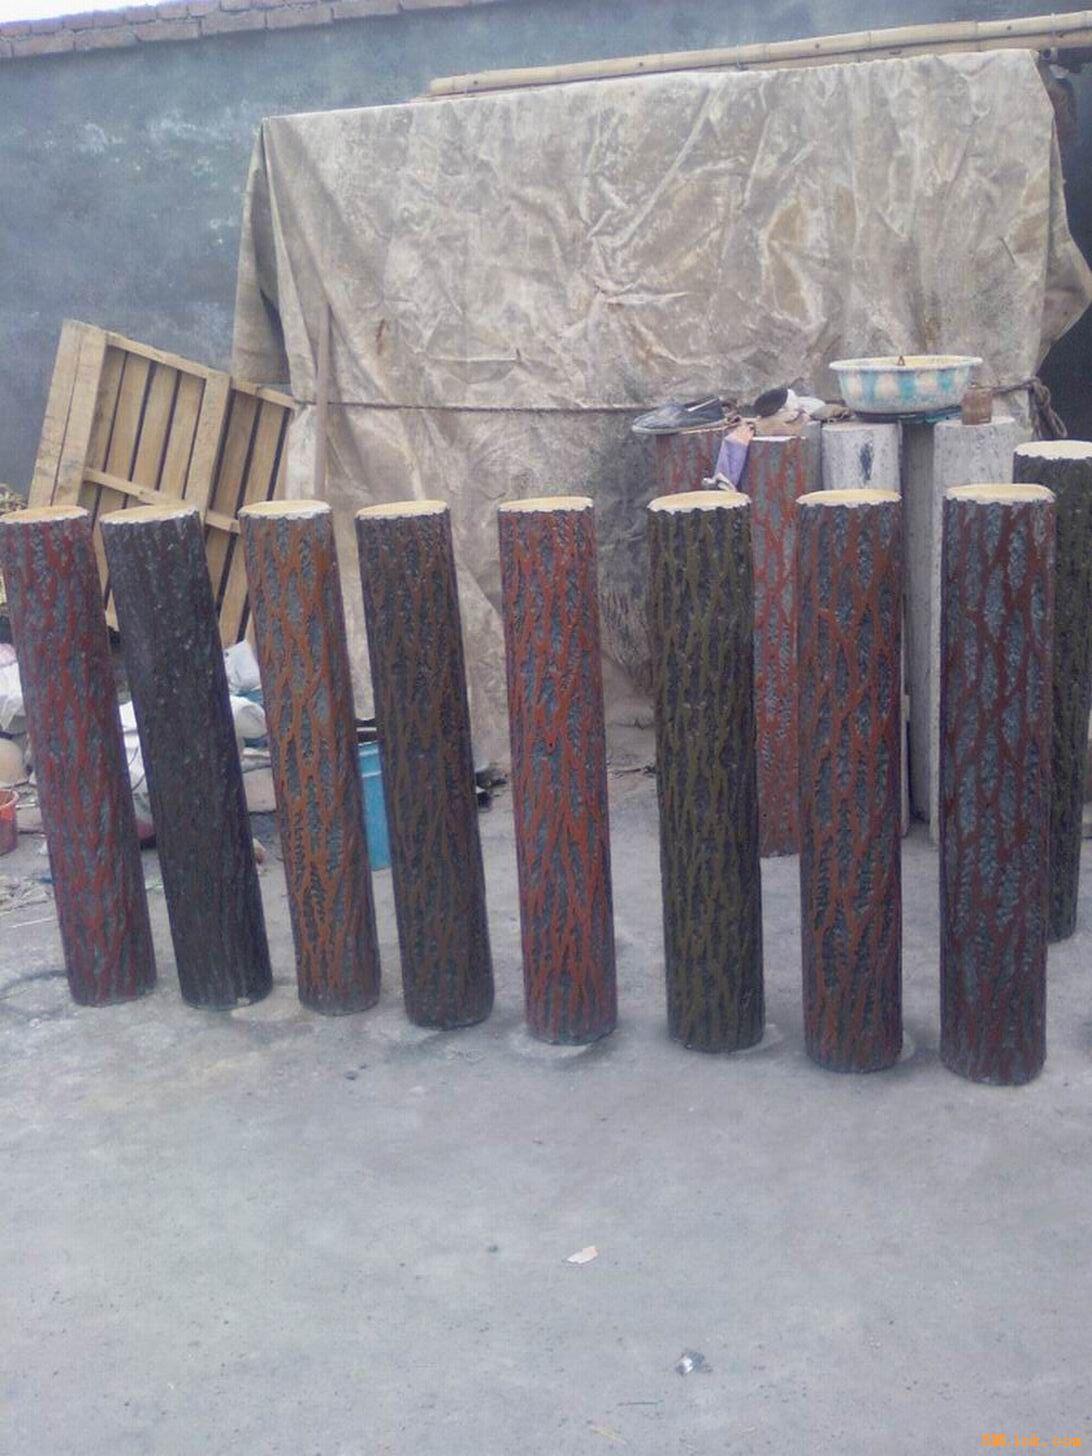 根雕),平板凳,圆木凳,休闲椅,仿木栏杆,仿木花架,仿木亭,标识牌,垃圾